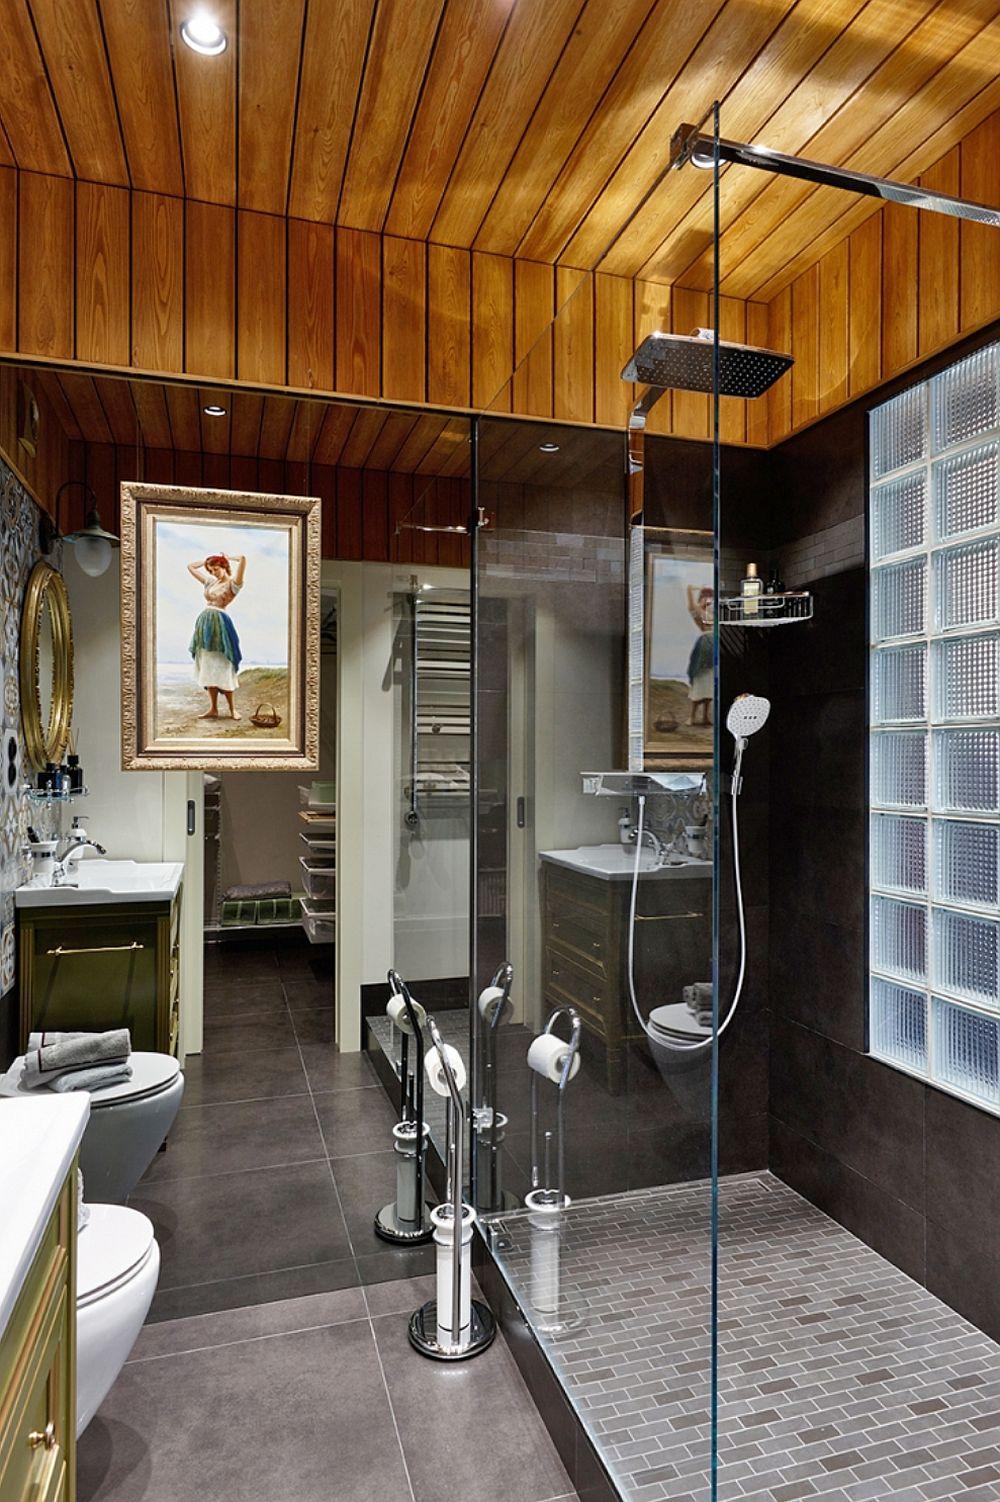 Camera de baie are un întreg perete placat cu oglinzi, ceea ce schimbă perspectiva asupra camerei. De remarcat cărămizile din sticlă care sunt înglobate în peretele comun cu dormitorul. Ele se află în zona de duș. De asemenea, este interesantă placare de la nivelul plafonului prin care s-a inserat un element cald în amenajare.